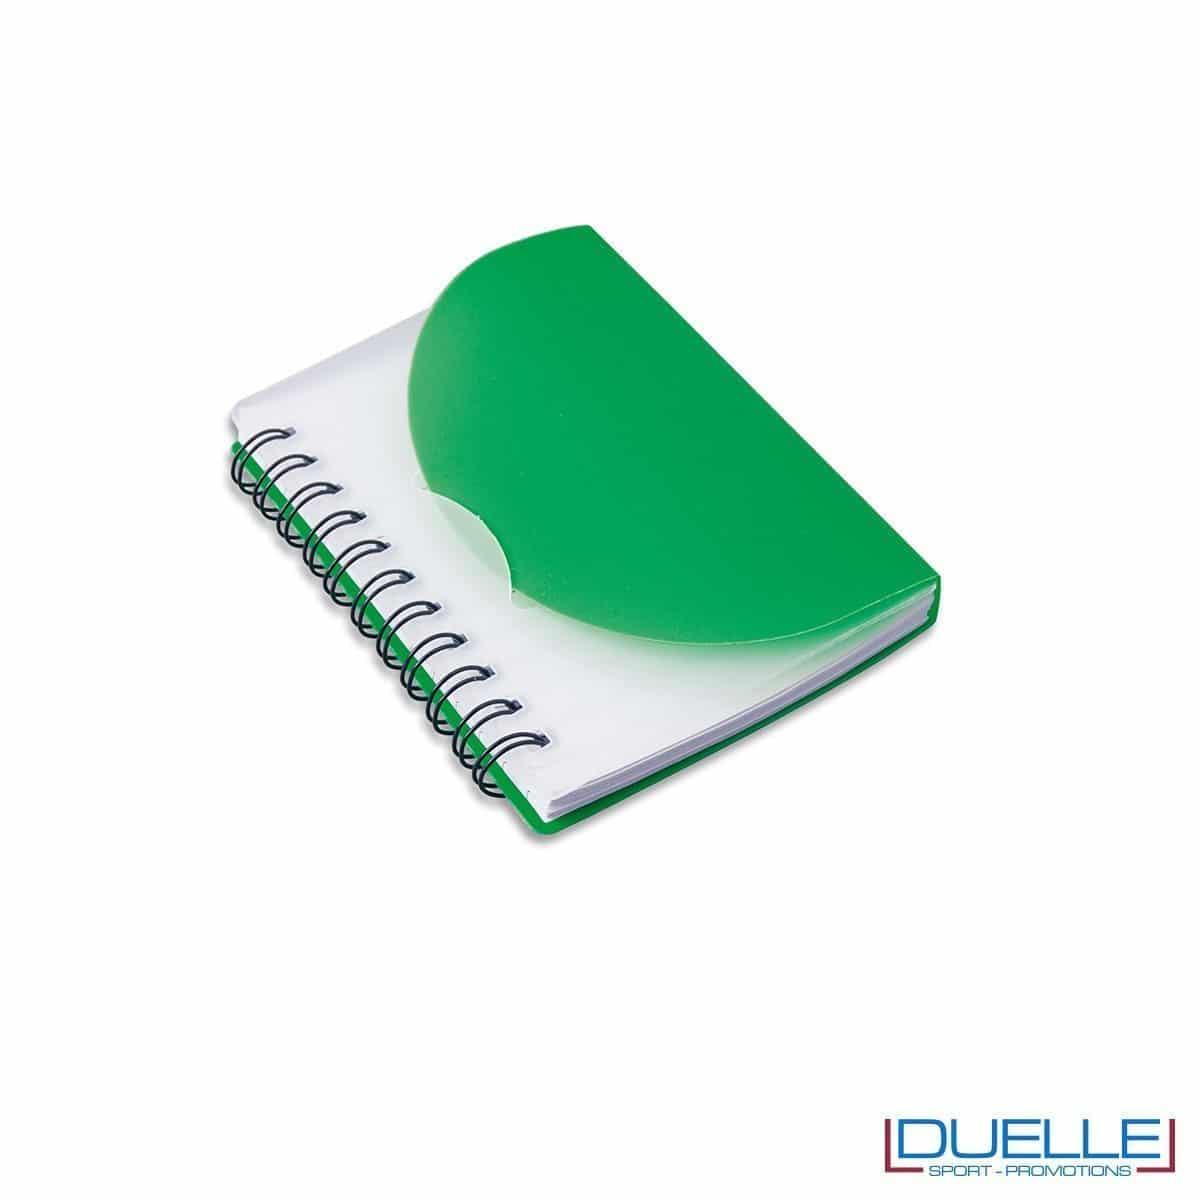 Quaderno personalizzato in plastica traslucida verde scuro